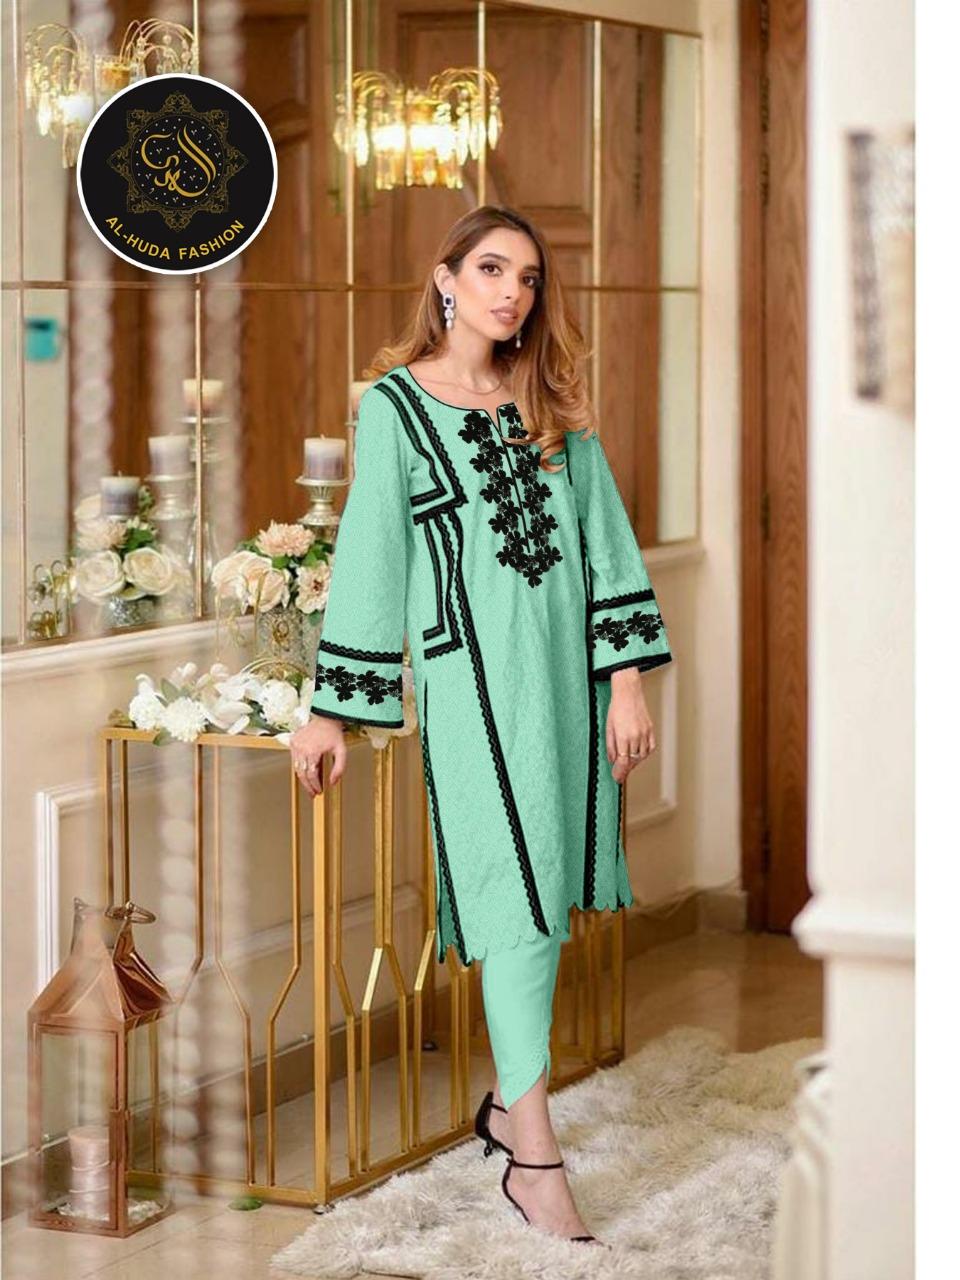 Al Huda Fashion Launch Al Huda D No 1117 Jam Satin Unique Top With Bottom Seller